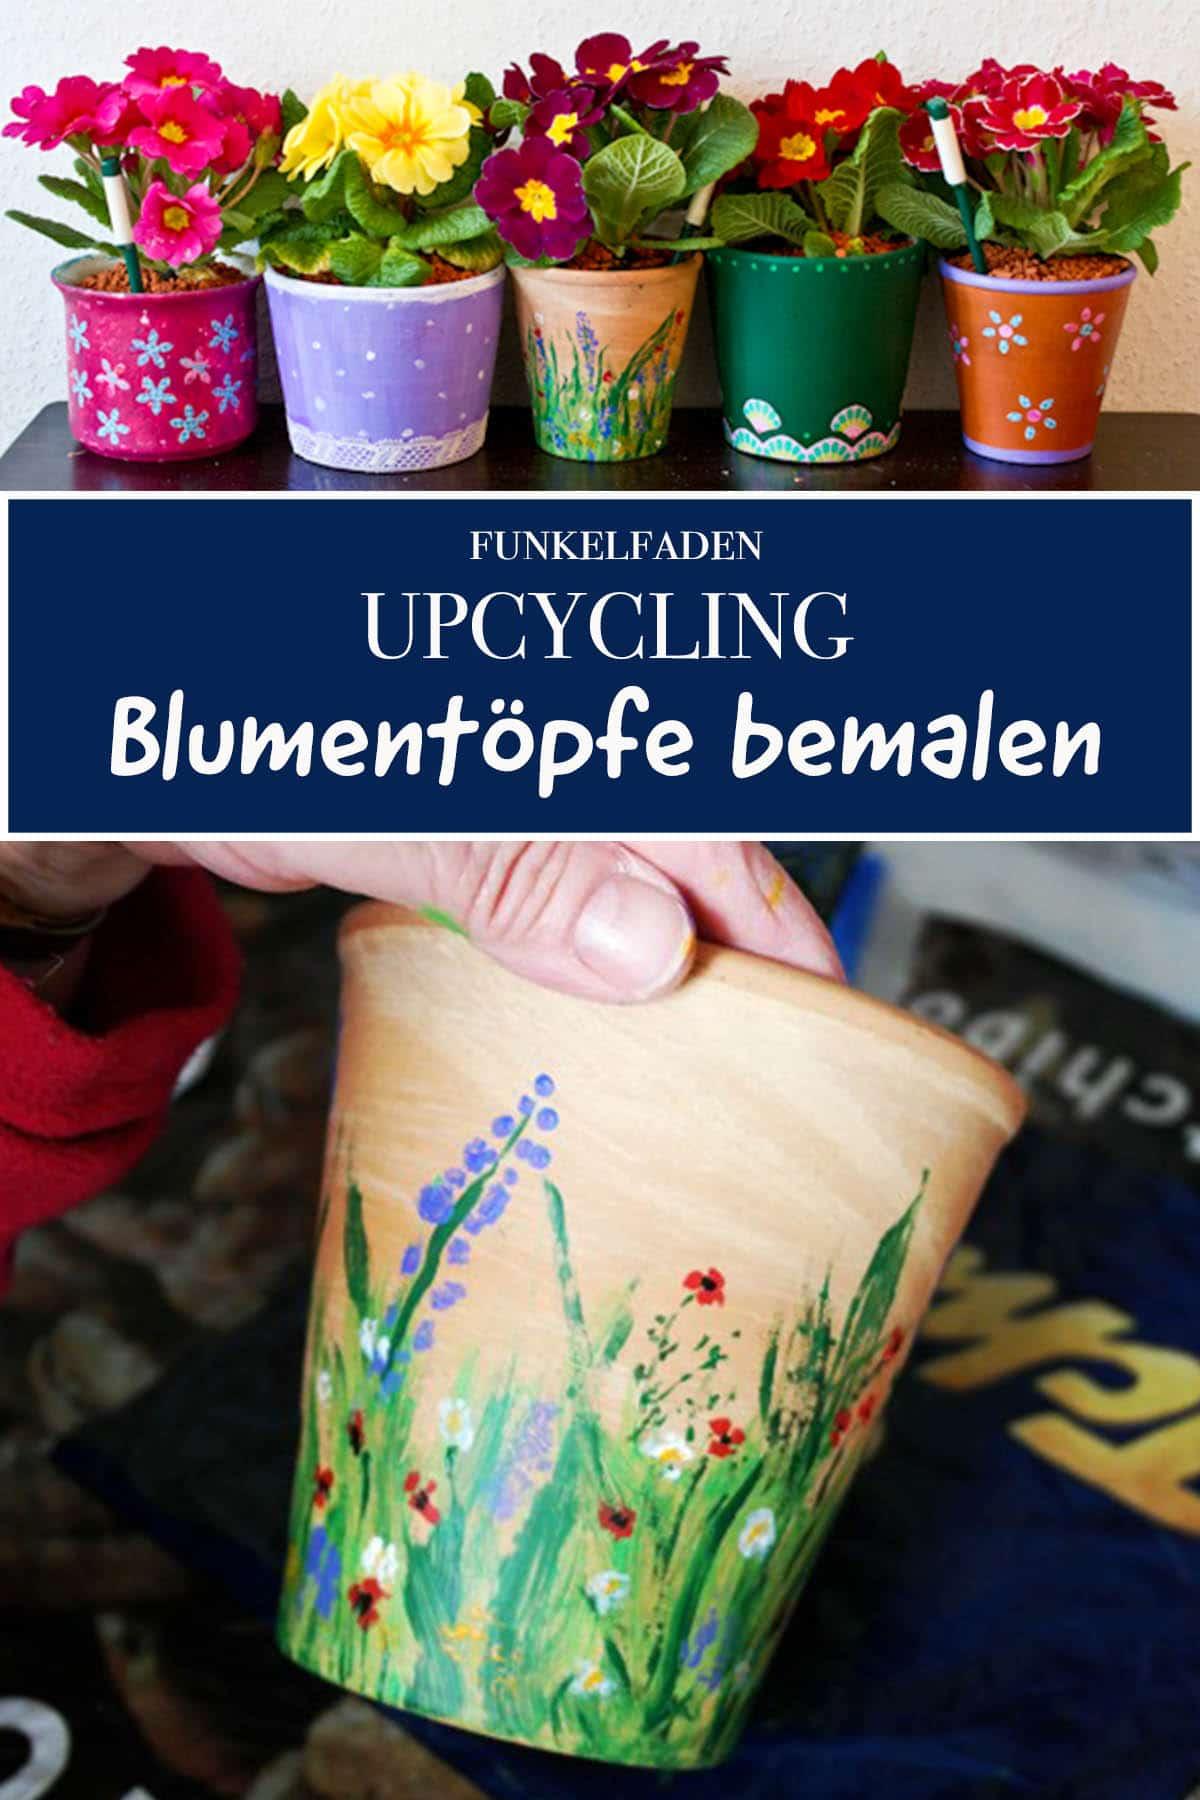 Upcycling - Blumentöpfe bemalen